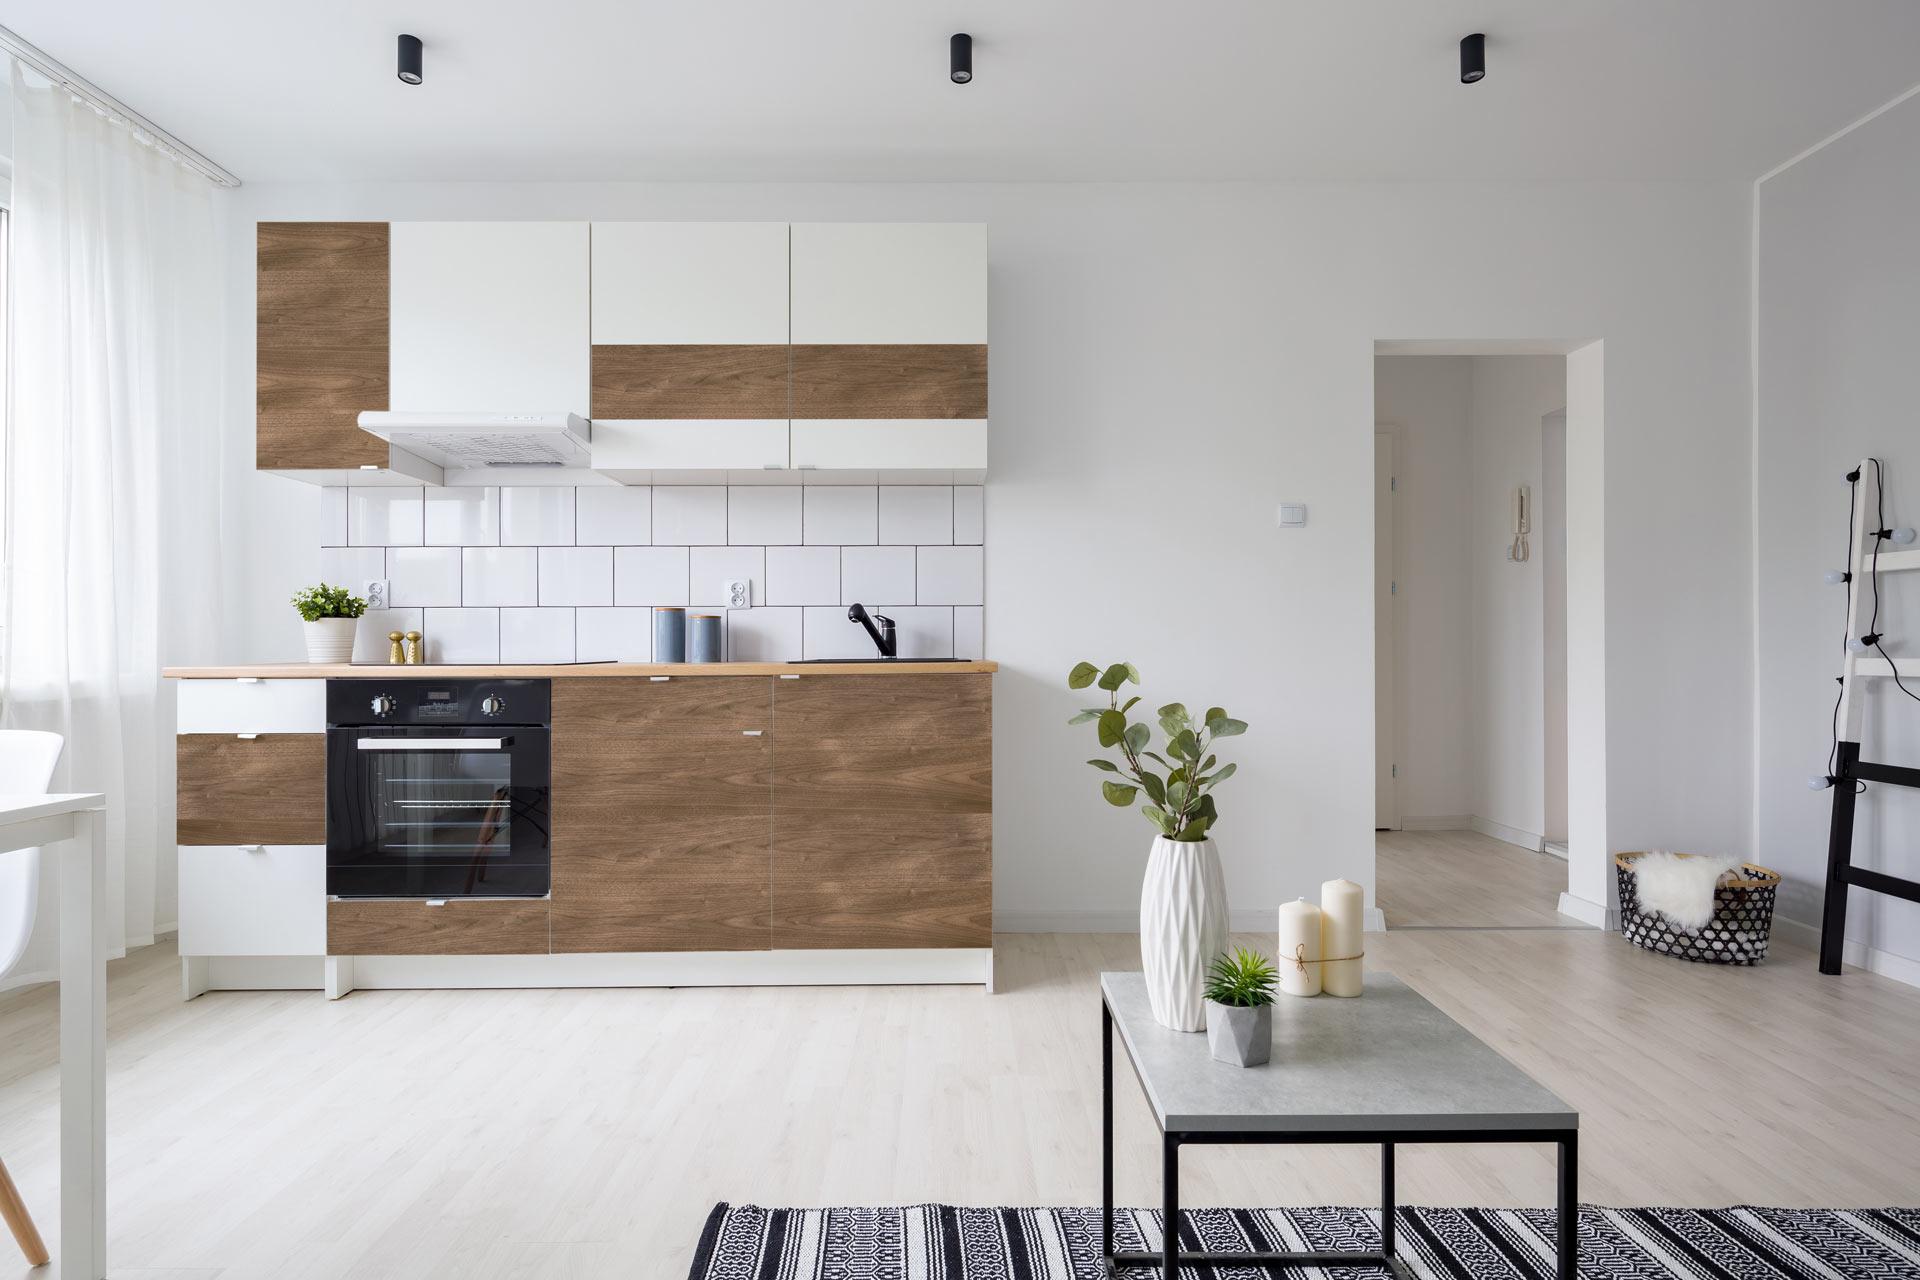 Holzfurnier auf Küchenfront Kleben